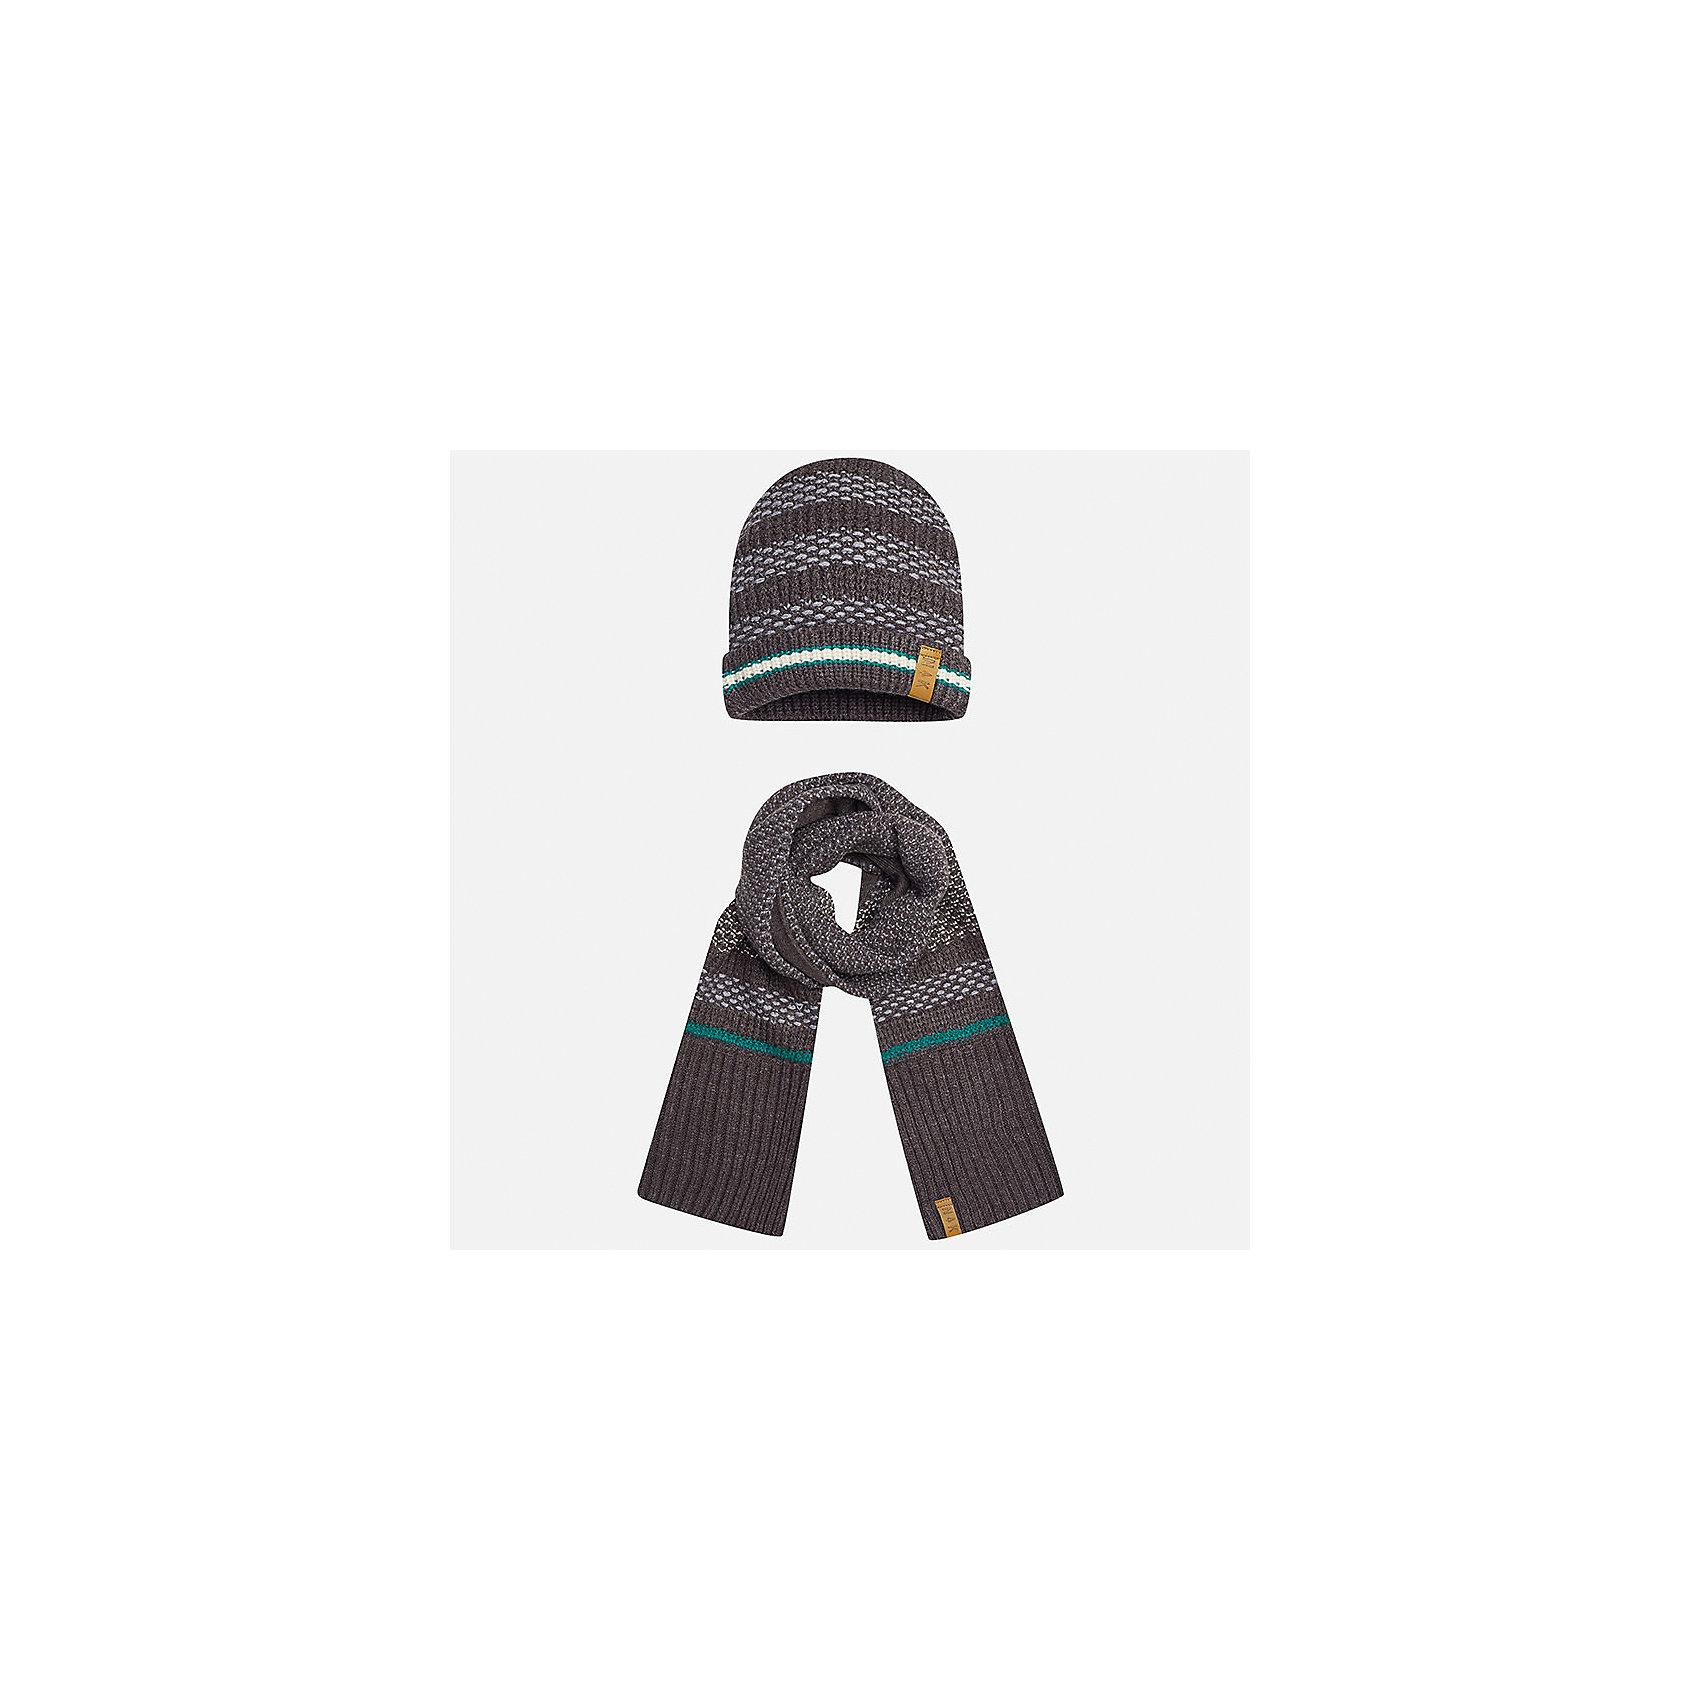 Комплект: шапка и шарф Mayoral для мальчикаШарфы, платки<br>Характеристики товара:<br><br>• цвет: серый<br>• состав ткани: 100% акрил<br>• сезон: демисезон<br>• комплектация: шапка, шарф<br>• страна бренда: Испания<br>• страна изготовитель: Индия<br><br>Оригинальный детский комплект из шарфа и шапки смотрится аккуратно и стильно. Демисезонные шапка и шарф для мальчика от популярного бренда Mayoral помогут дополнить наряд и обеспечить комфорт в прохладную погоду. Для производства таких демисезонных комплектов популярный бренд Mayoral используют только качественную фурнитуру и материалы. Оригинальные и модные шапка и шарф от Майорал привлекут внимание и понравятся детям.<br><br>Комплект: шапка и шарф для мальчика Mayoral (Майорал) можно купить в нашем интернет-магазине.<br><br>Ширина мм: 89<br>Глубина мм: 117<br>Высота мм: 44<br>Вес г: 155<br>Цвет: черный<br>Возраст от месяцев: 96<br>Возраст до месяцев: 120<br>Пол: Мужской<br>Возраст: Детский<br>Размер: 56,52,54<br>SKU: 6939366